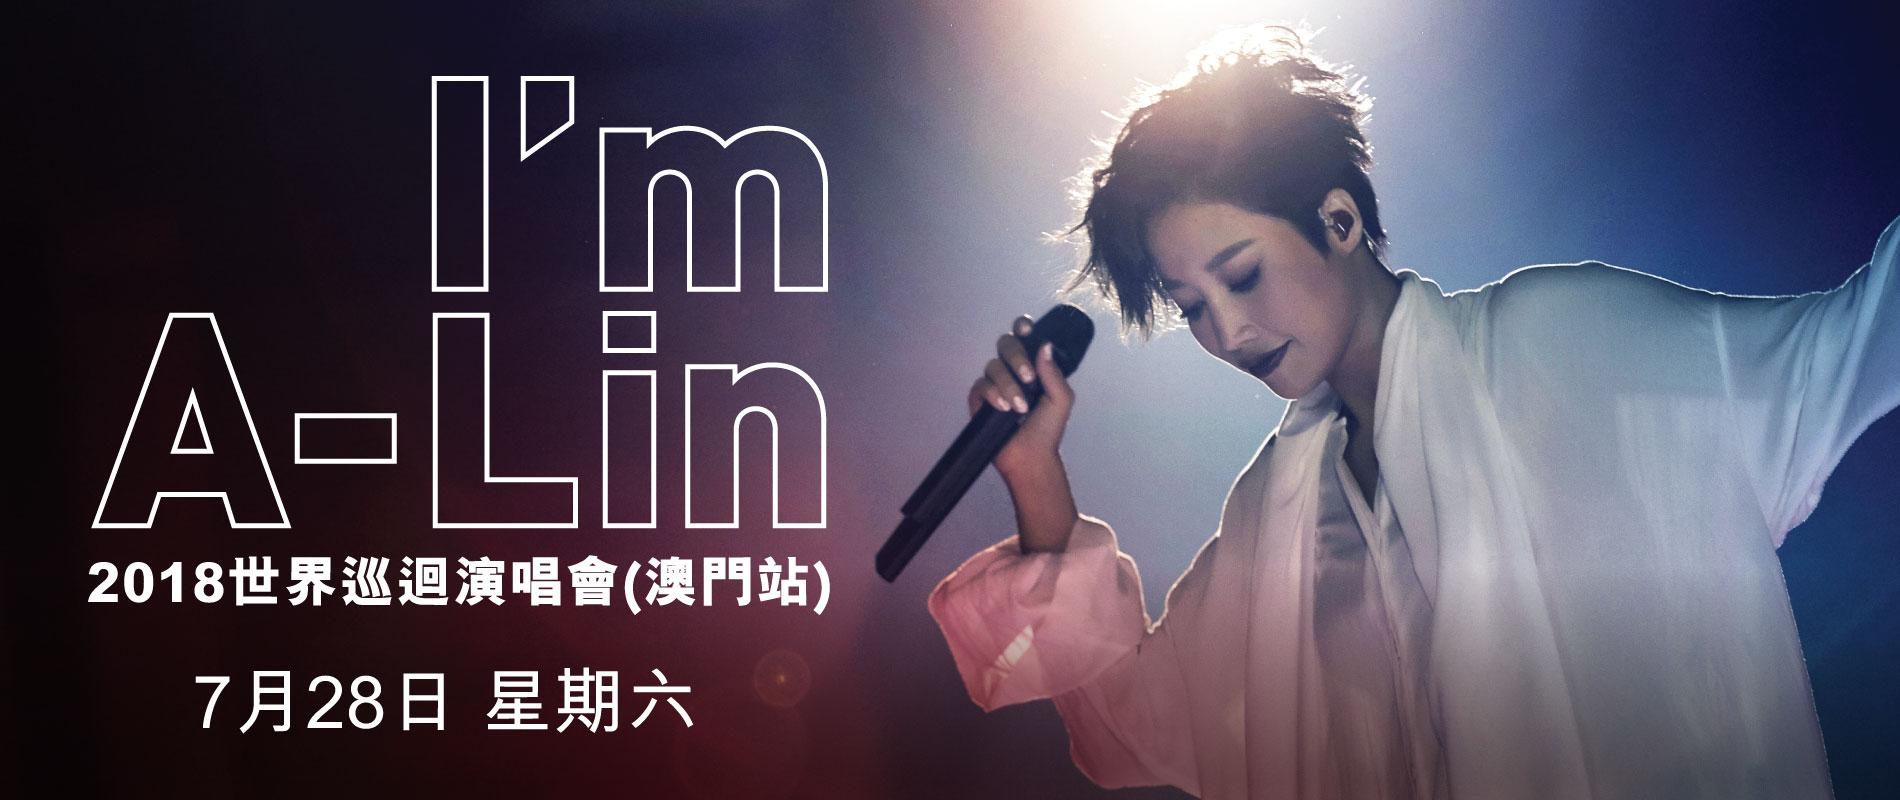 I'M A-LIN 2018世界巡迴演唱會(澳門站)